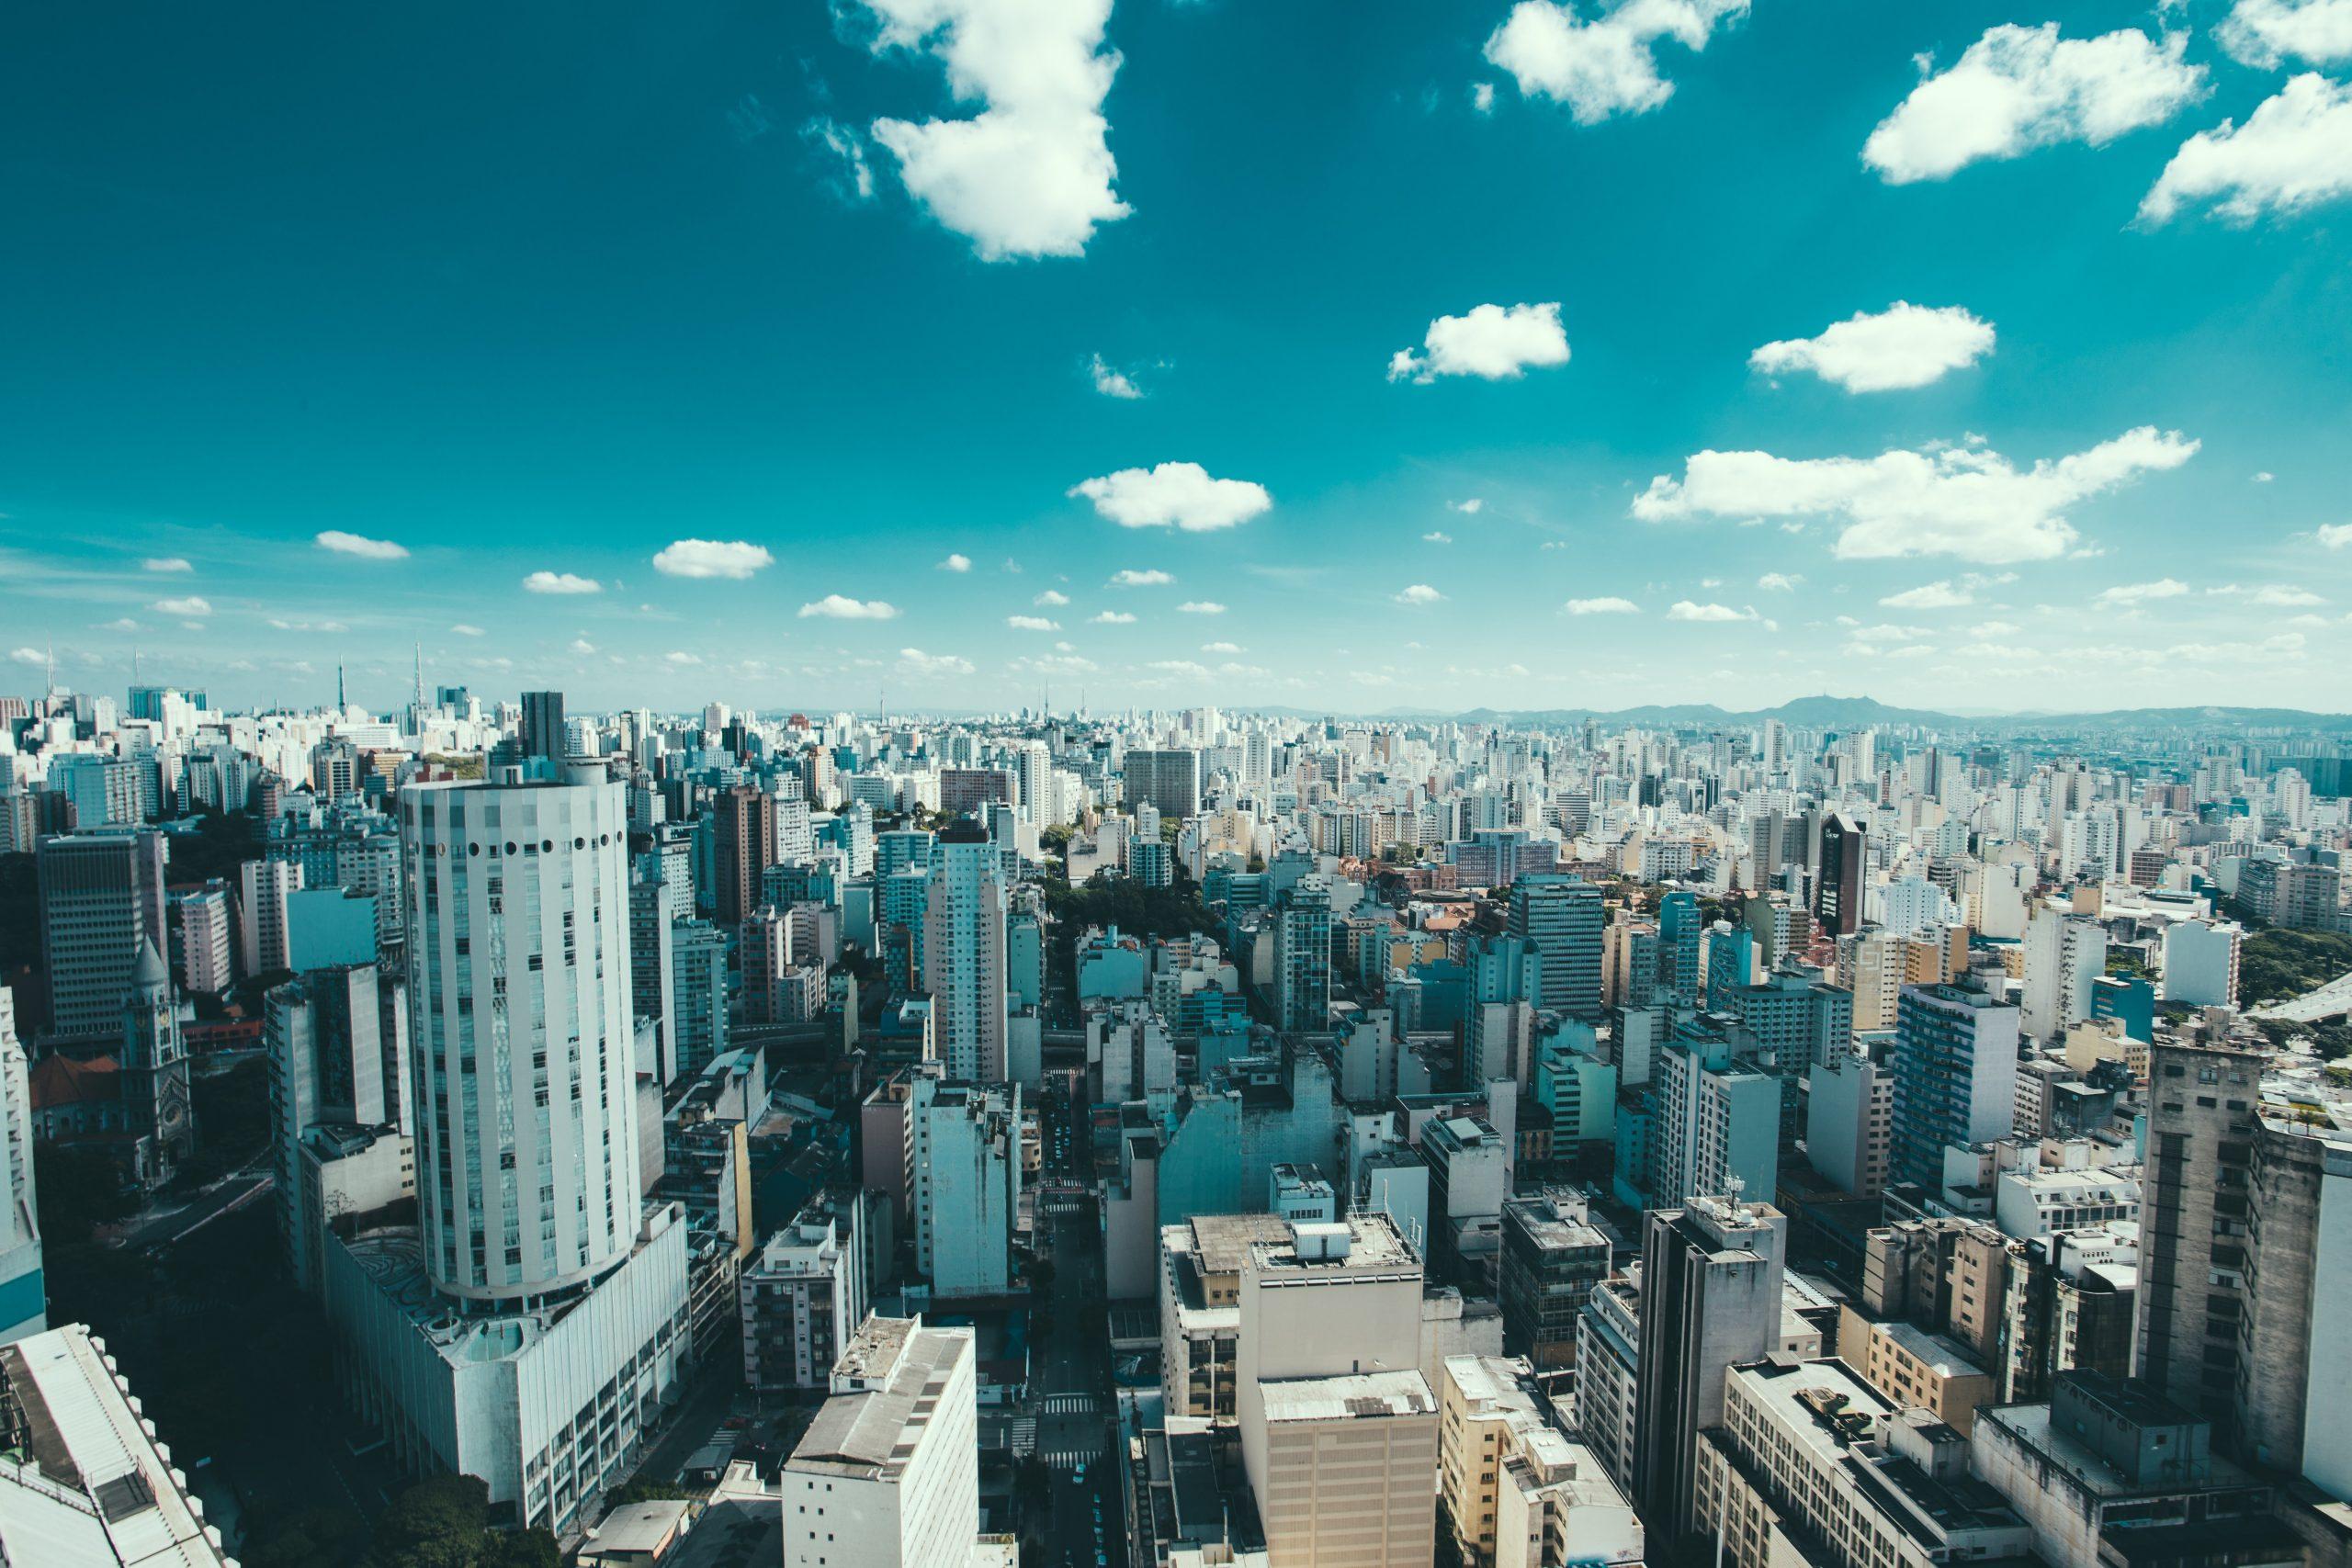 Sao Paulo airport to city center, Sao Paulo airport to city, How To Get From Sao Paulo Airport To City Center